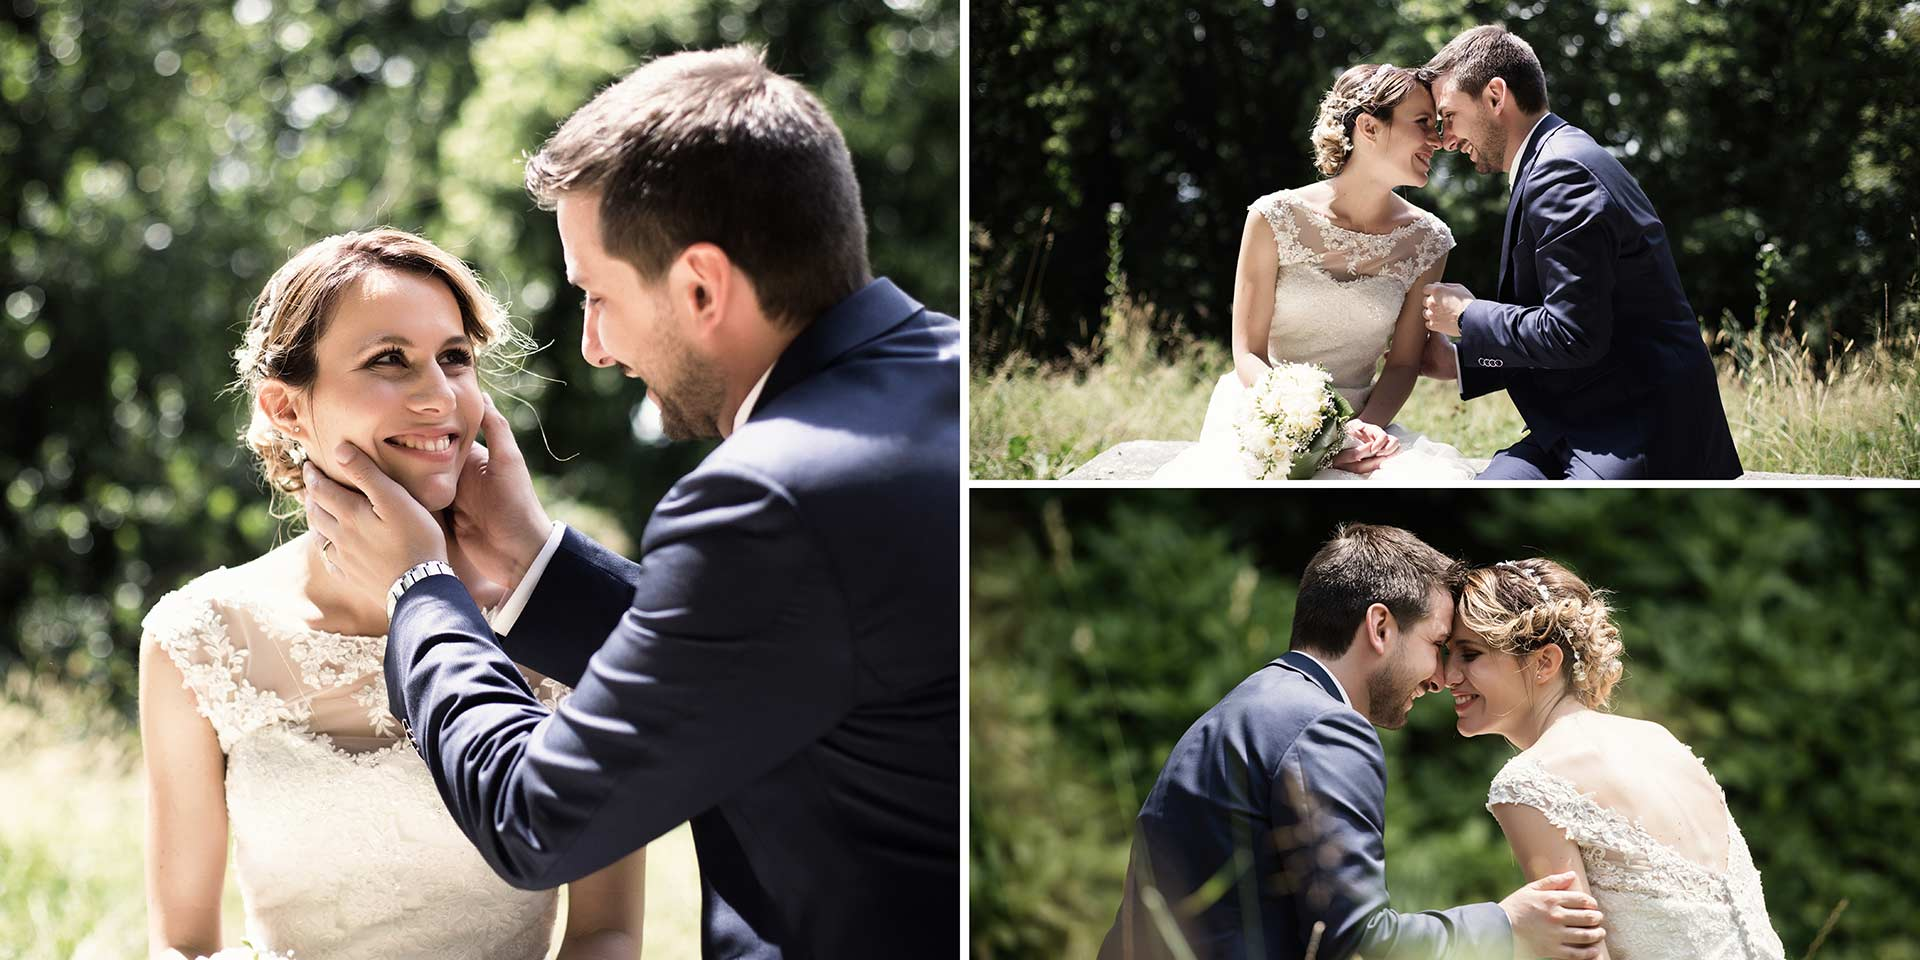 Momento romantico tra gli sposi